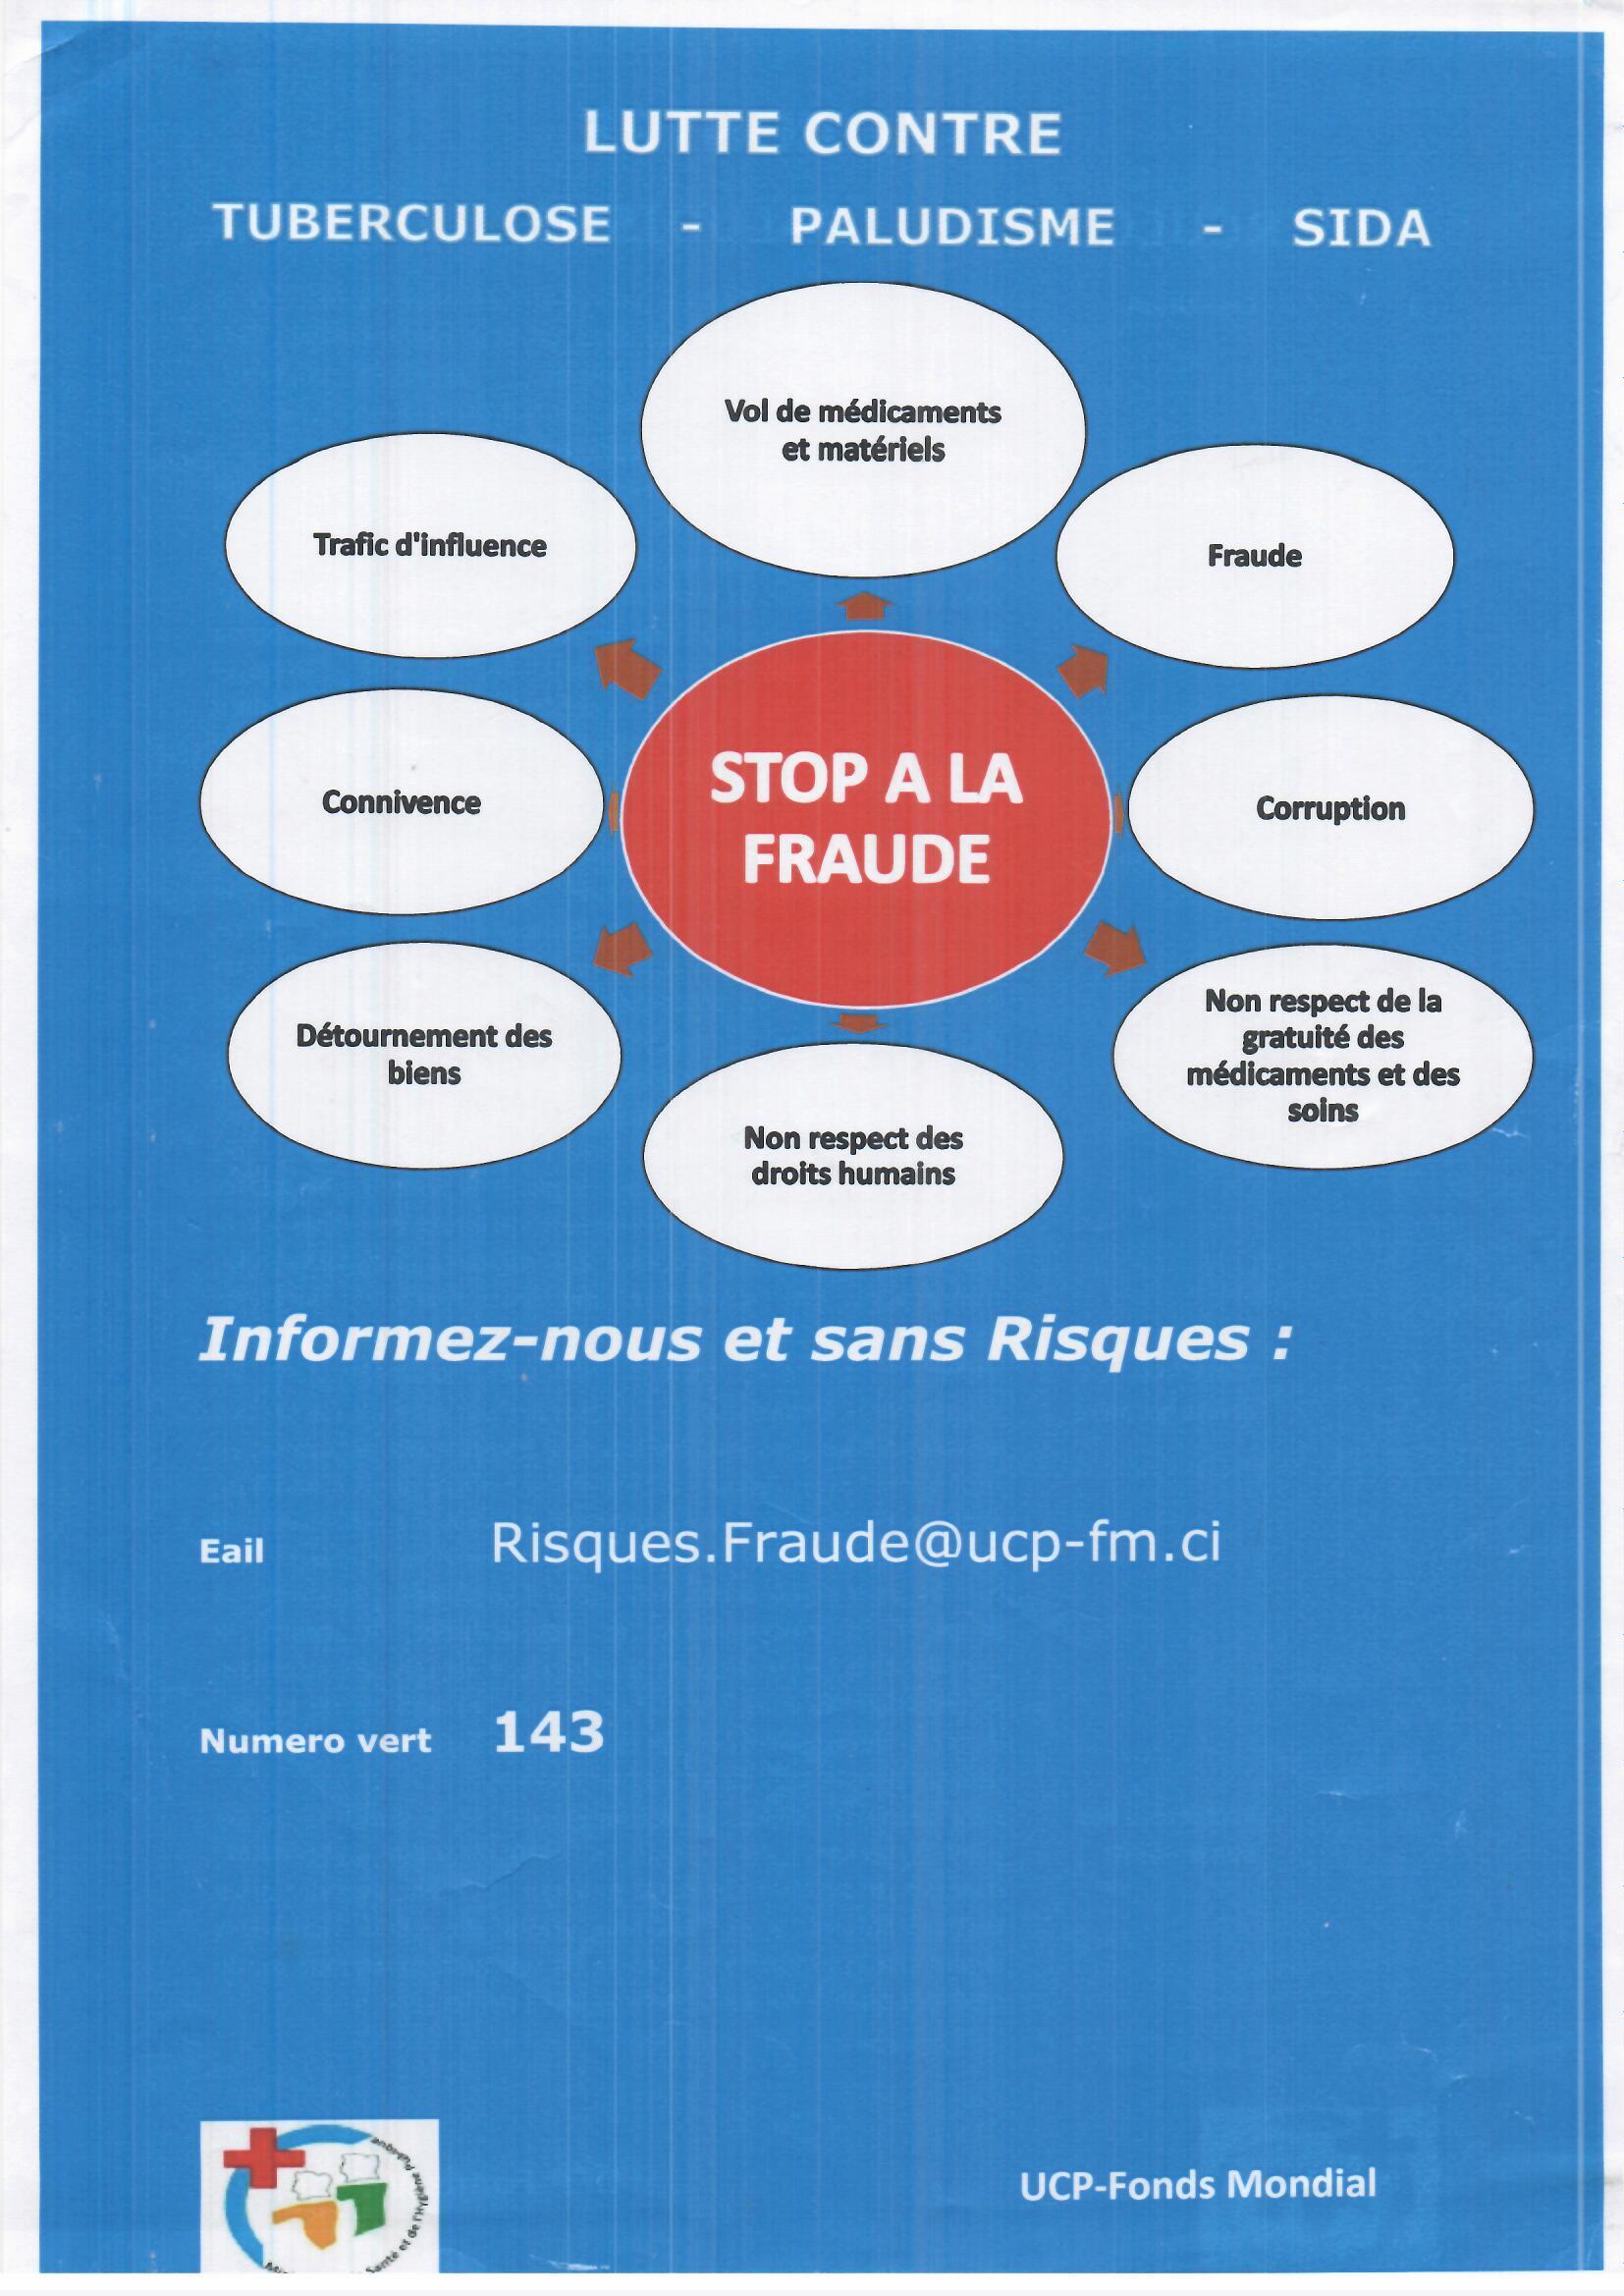 Campagne de sensibilisation contre la fraude